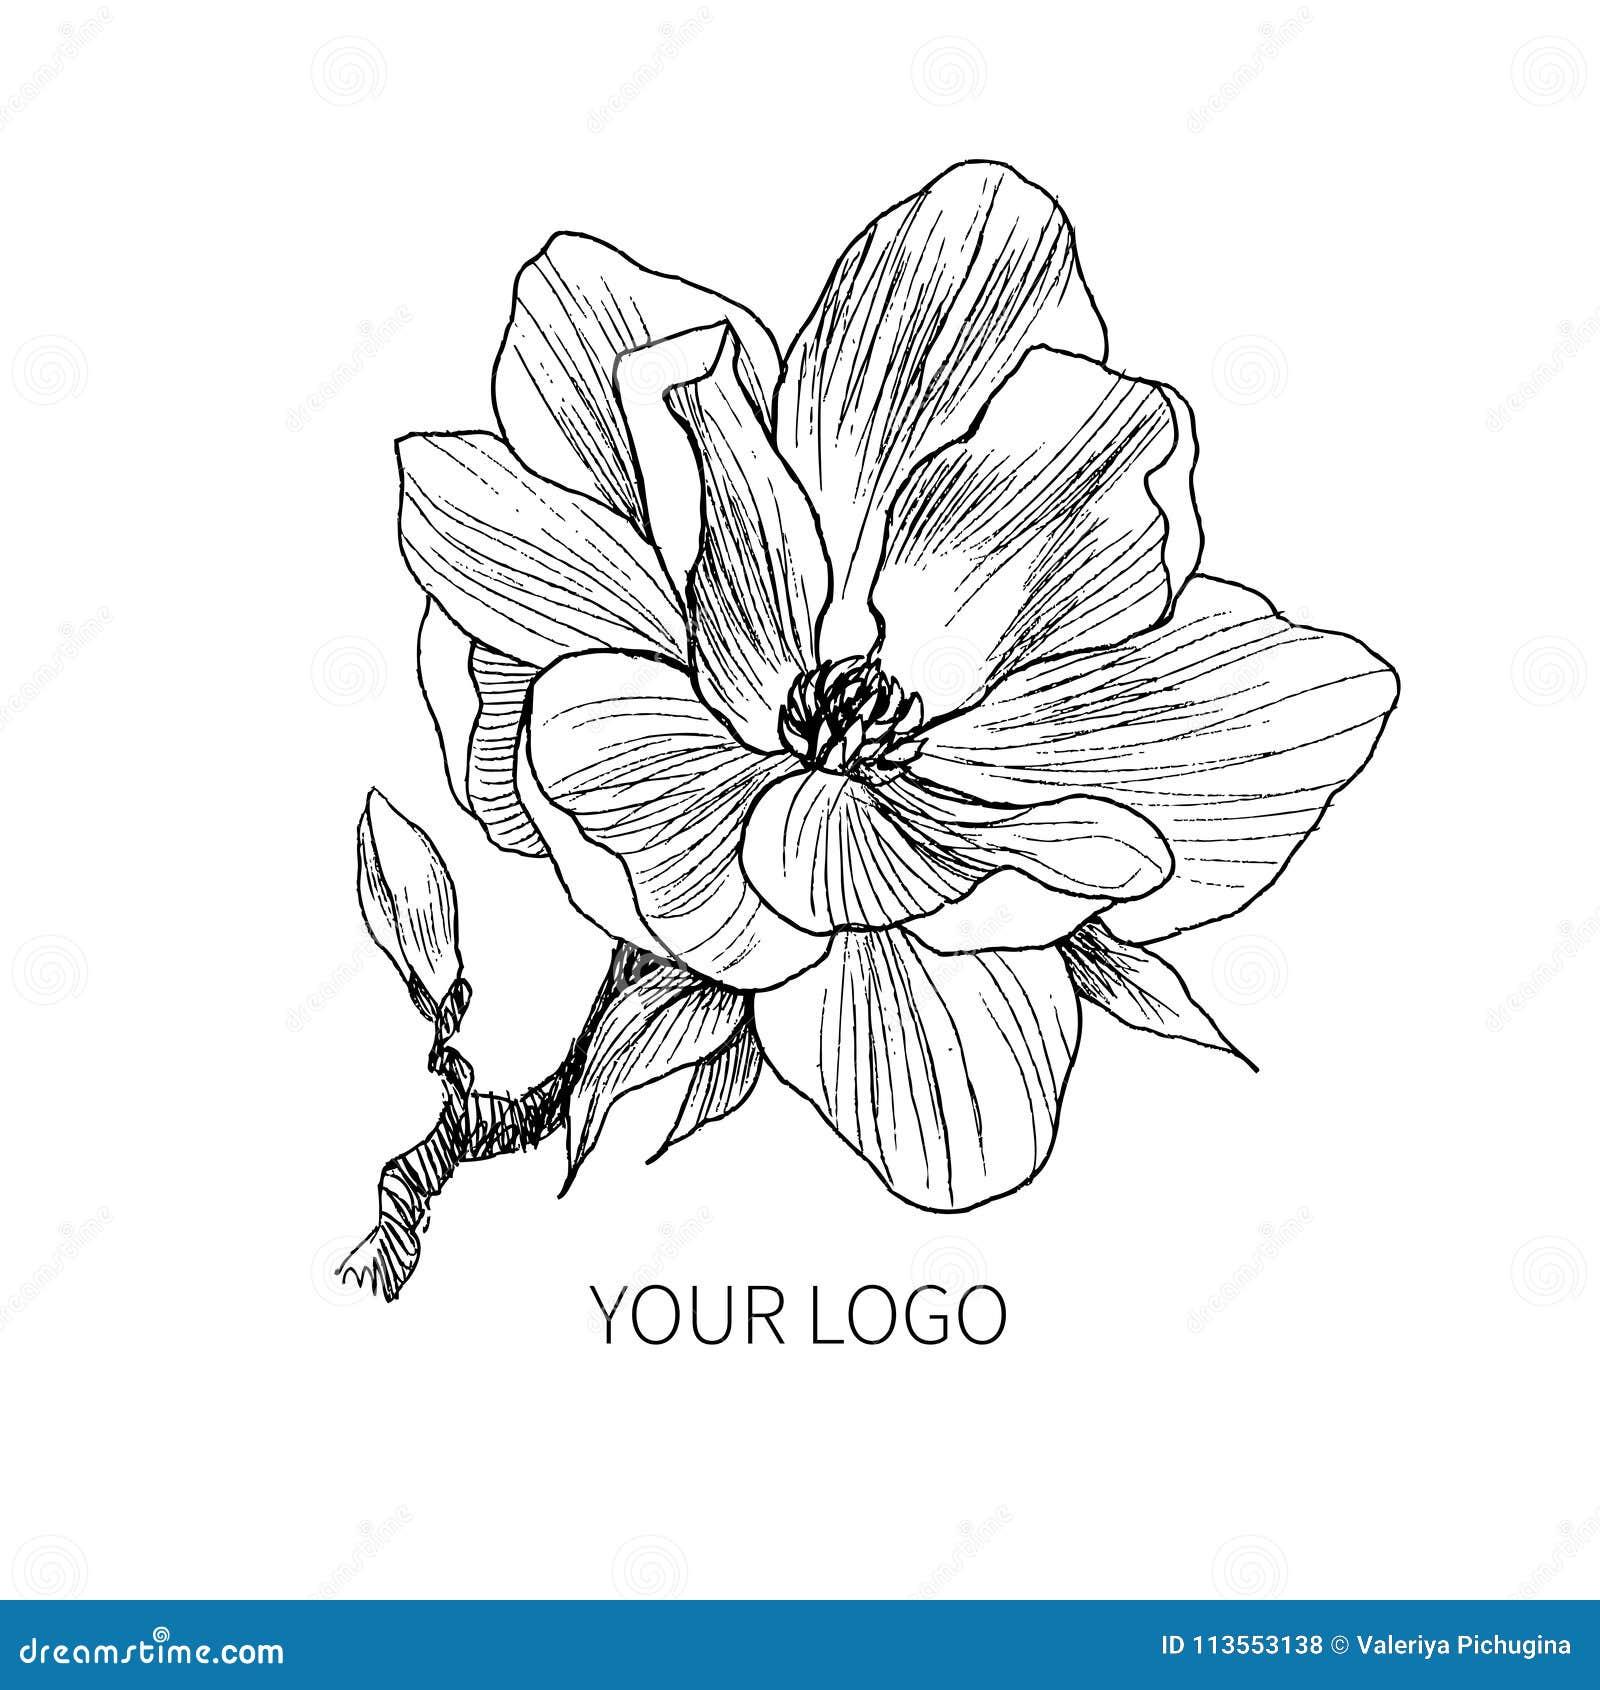 Tinte Bleistift Die Blätter Und Blumen Des Magnolienisolats Linie